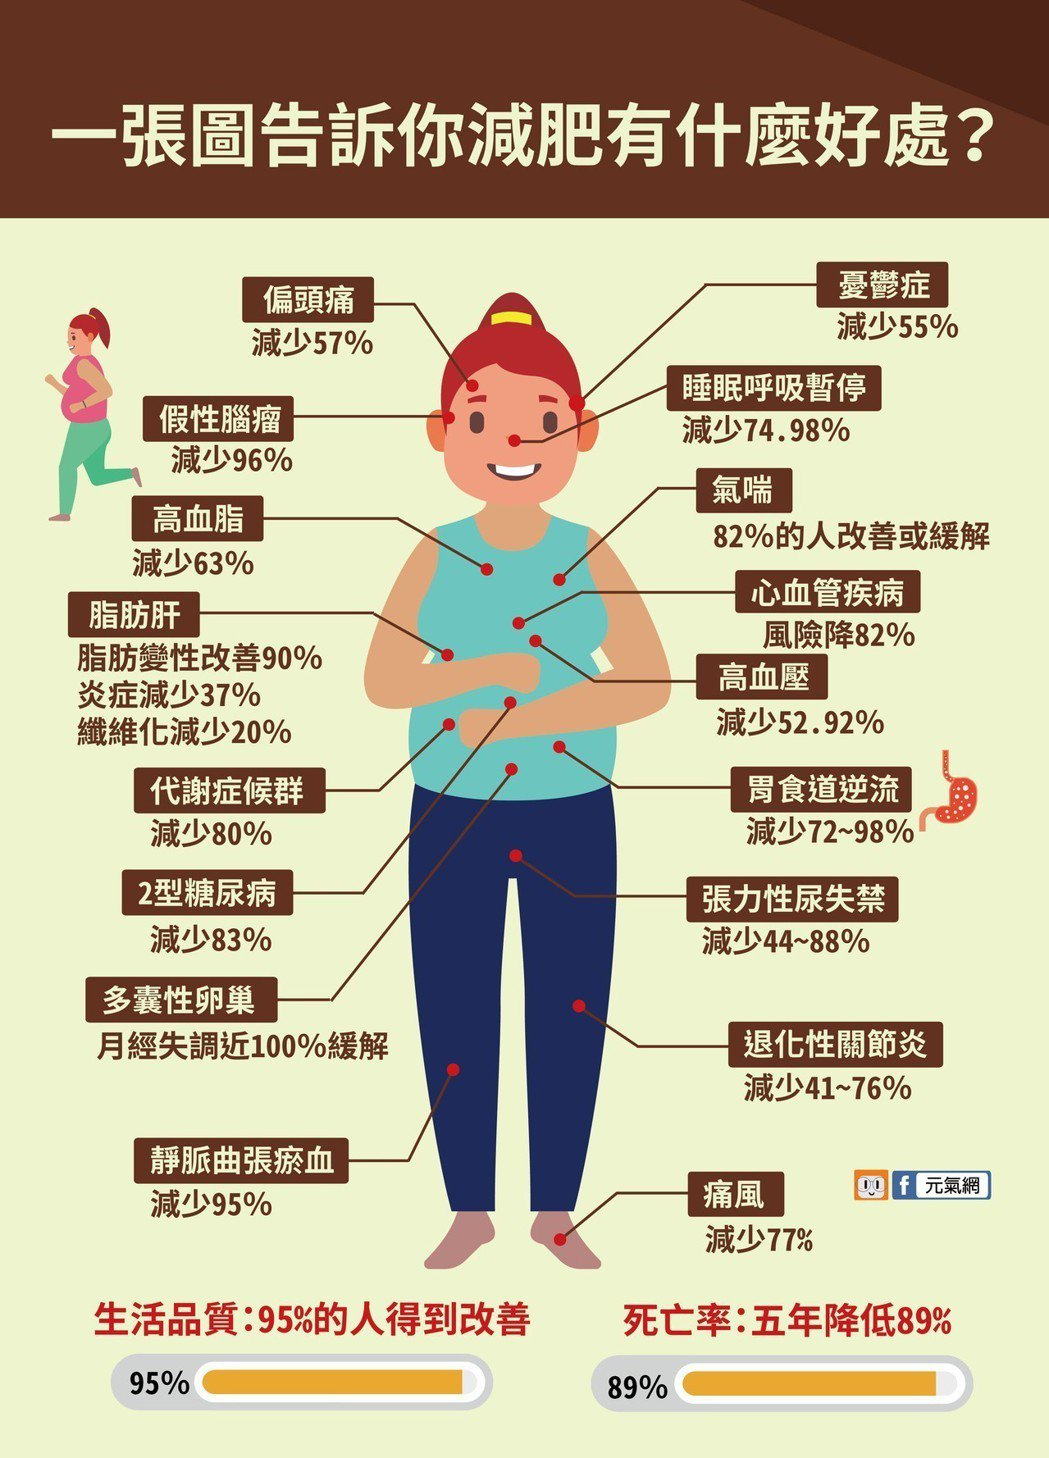 一張圖告訴你減肥有什麼好處?製圖/黃琬淑